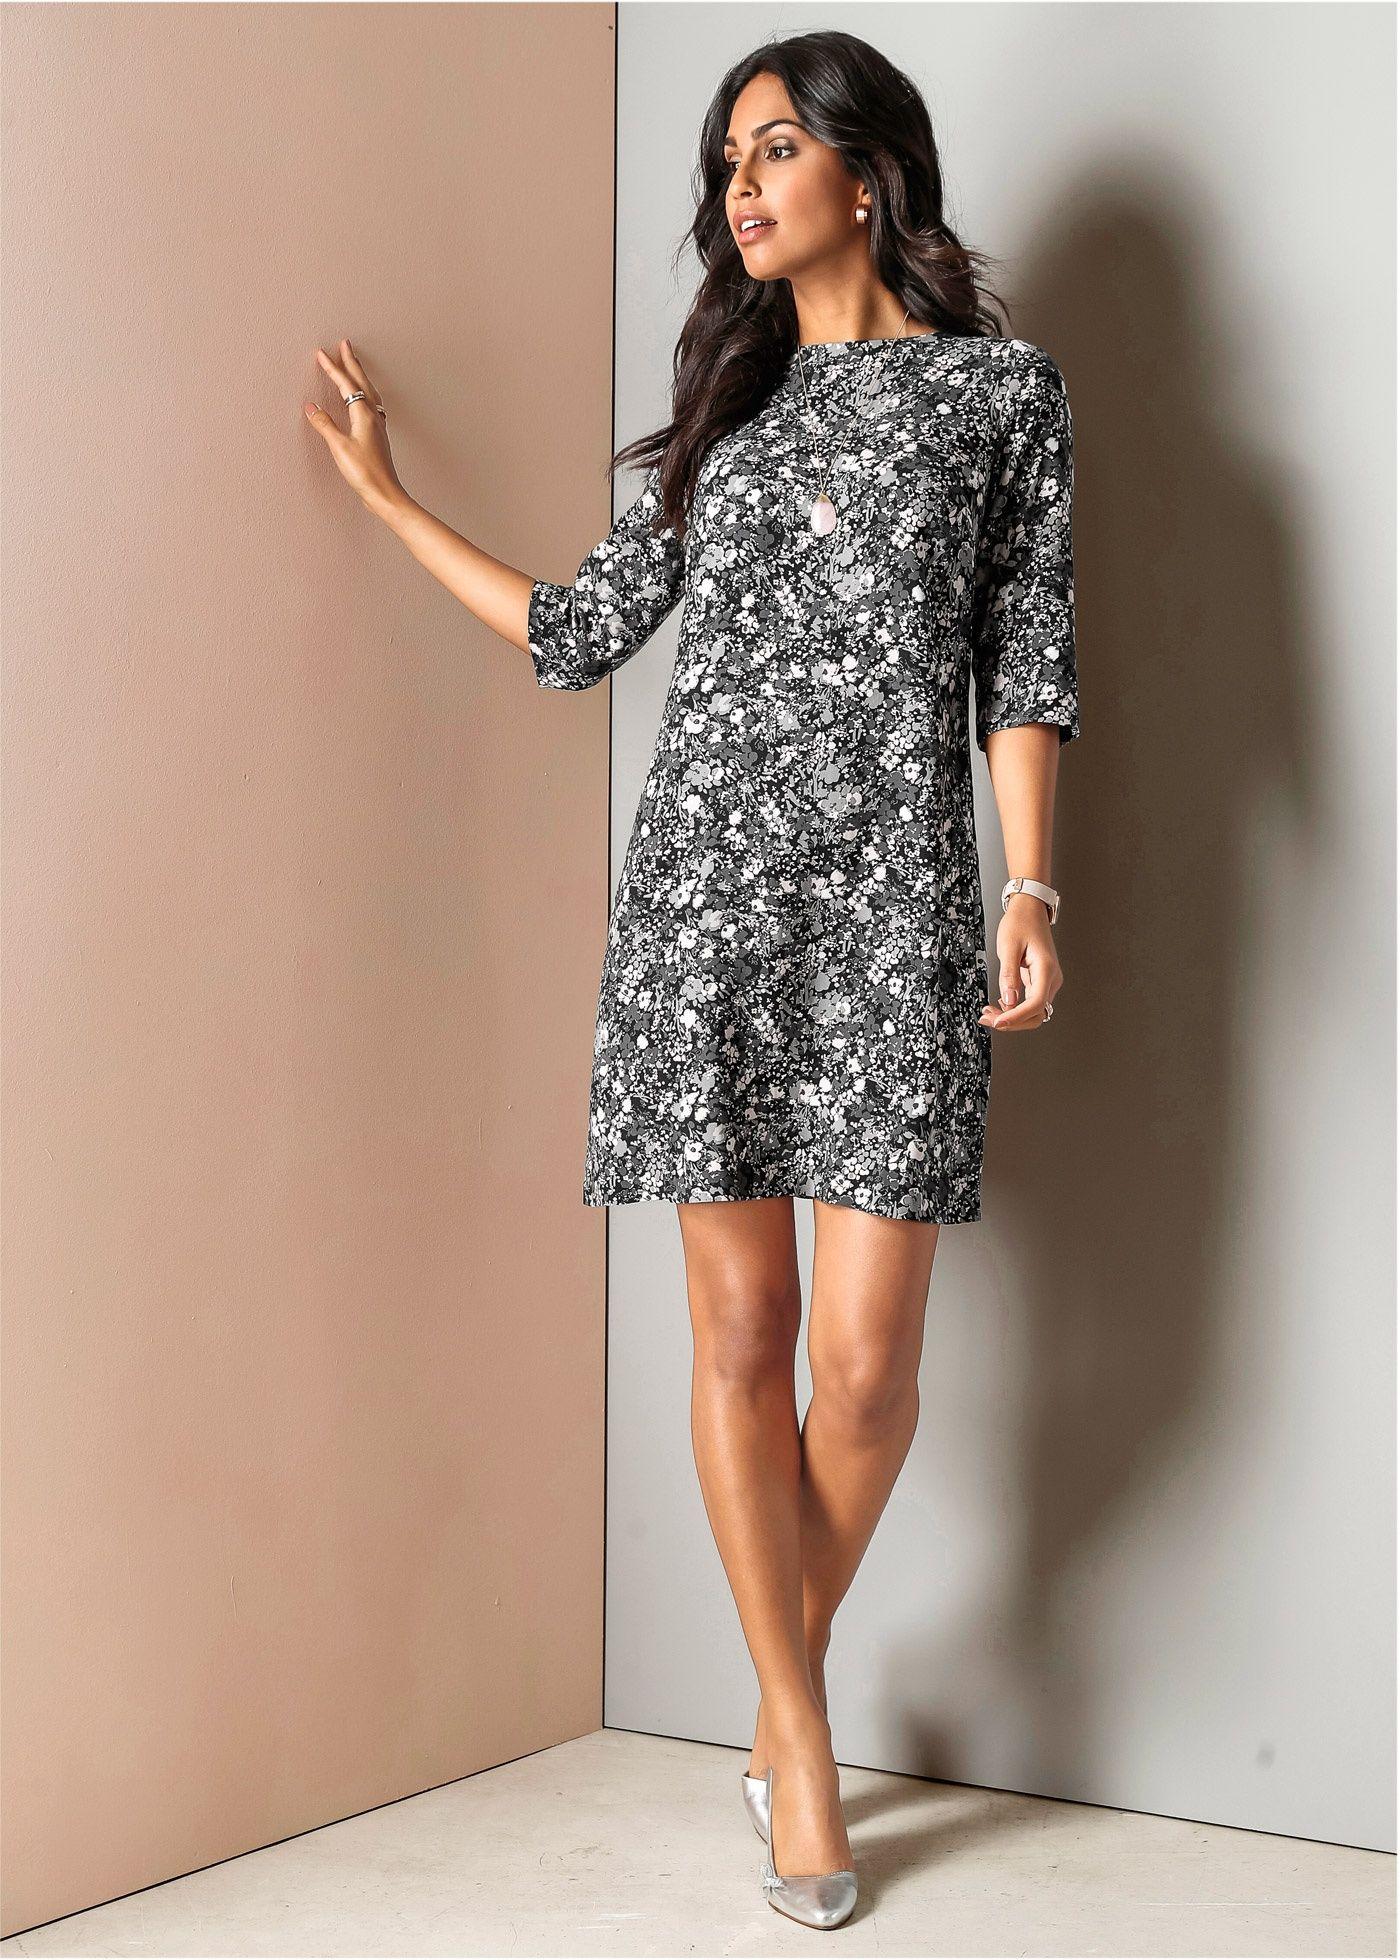 Modisch bedrucktes Kleid mit halblangen Ärmeln | Kleid blumen ...